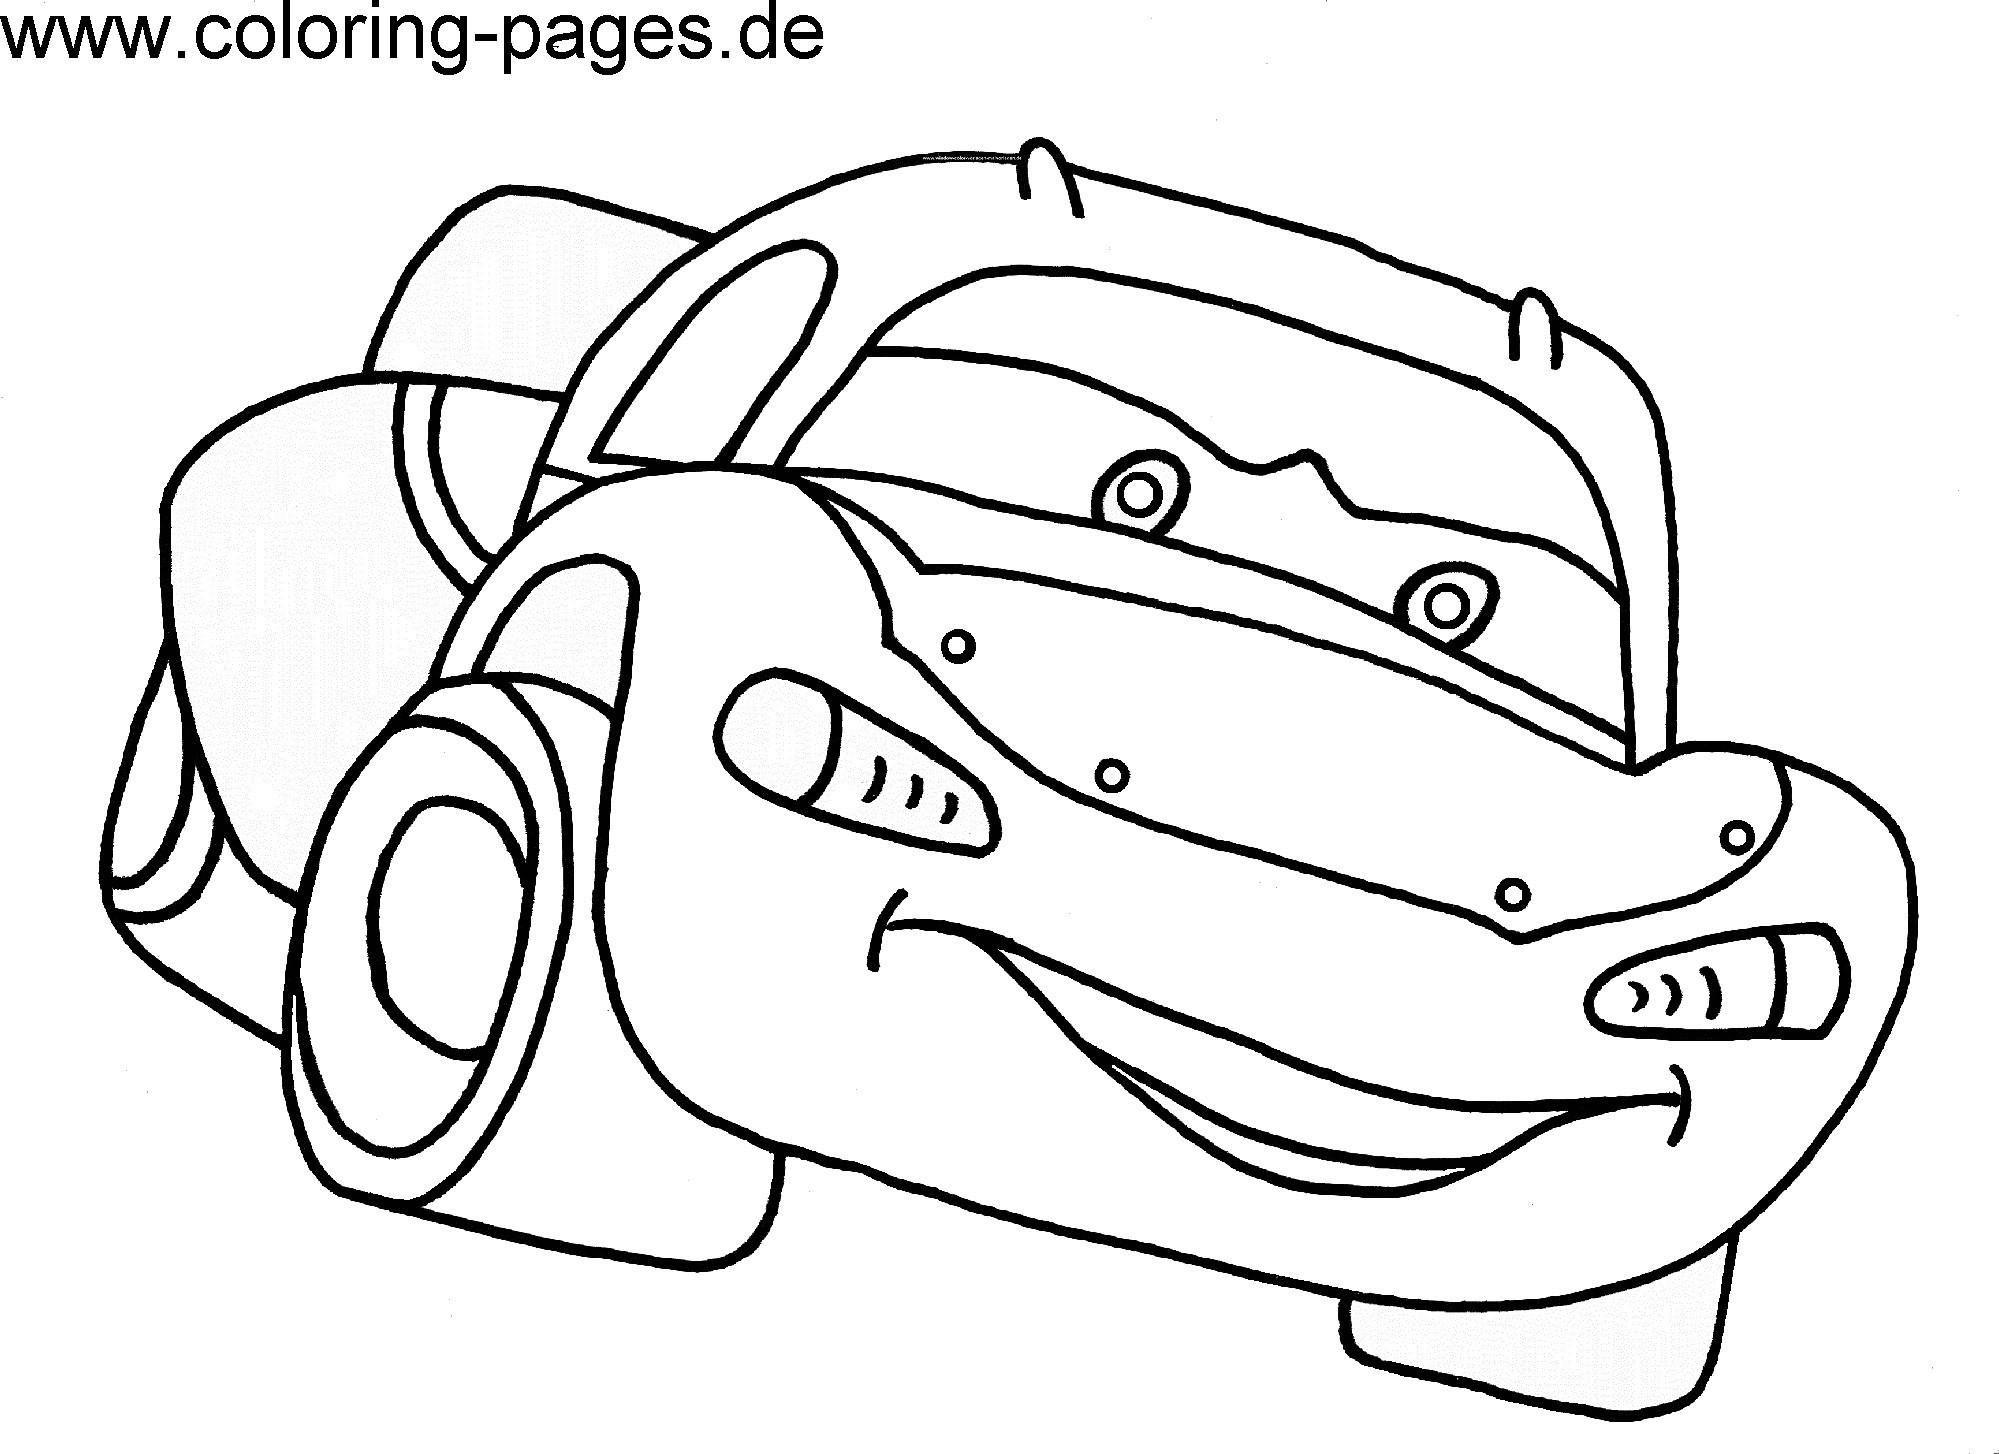 51 Childrens Colouring Pages For Free Ausmalbilder Zum Ausdrucken Kostenlos Vorlagen Zum Ausmalen Malvorlagen Zum Ausdrucken